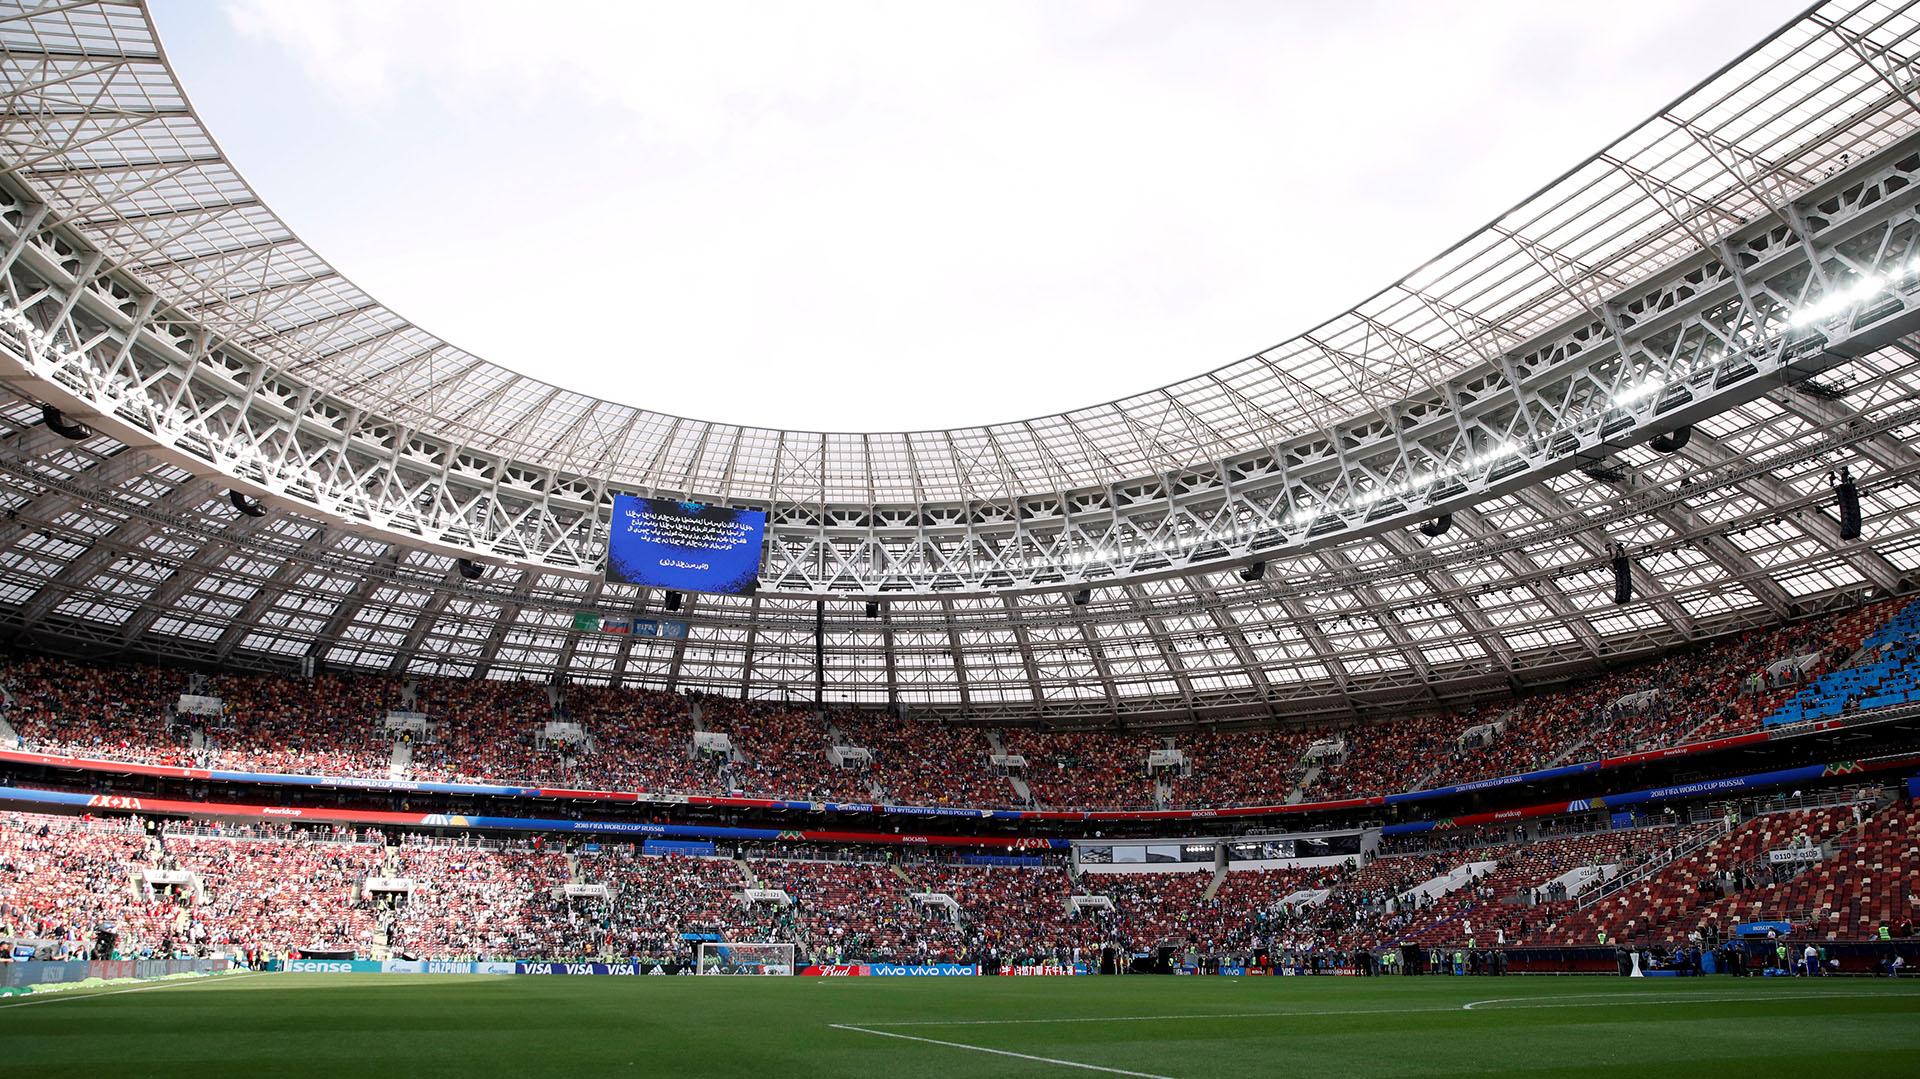 El Estadio Olímpico de Luzhniki comienza a colmarse a minutos de la ceremonia de apertura (Reuters)